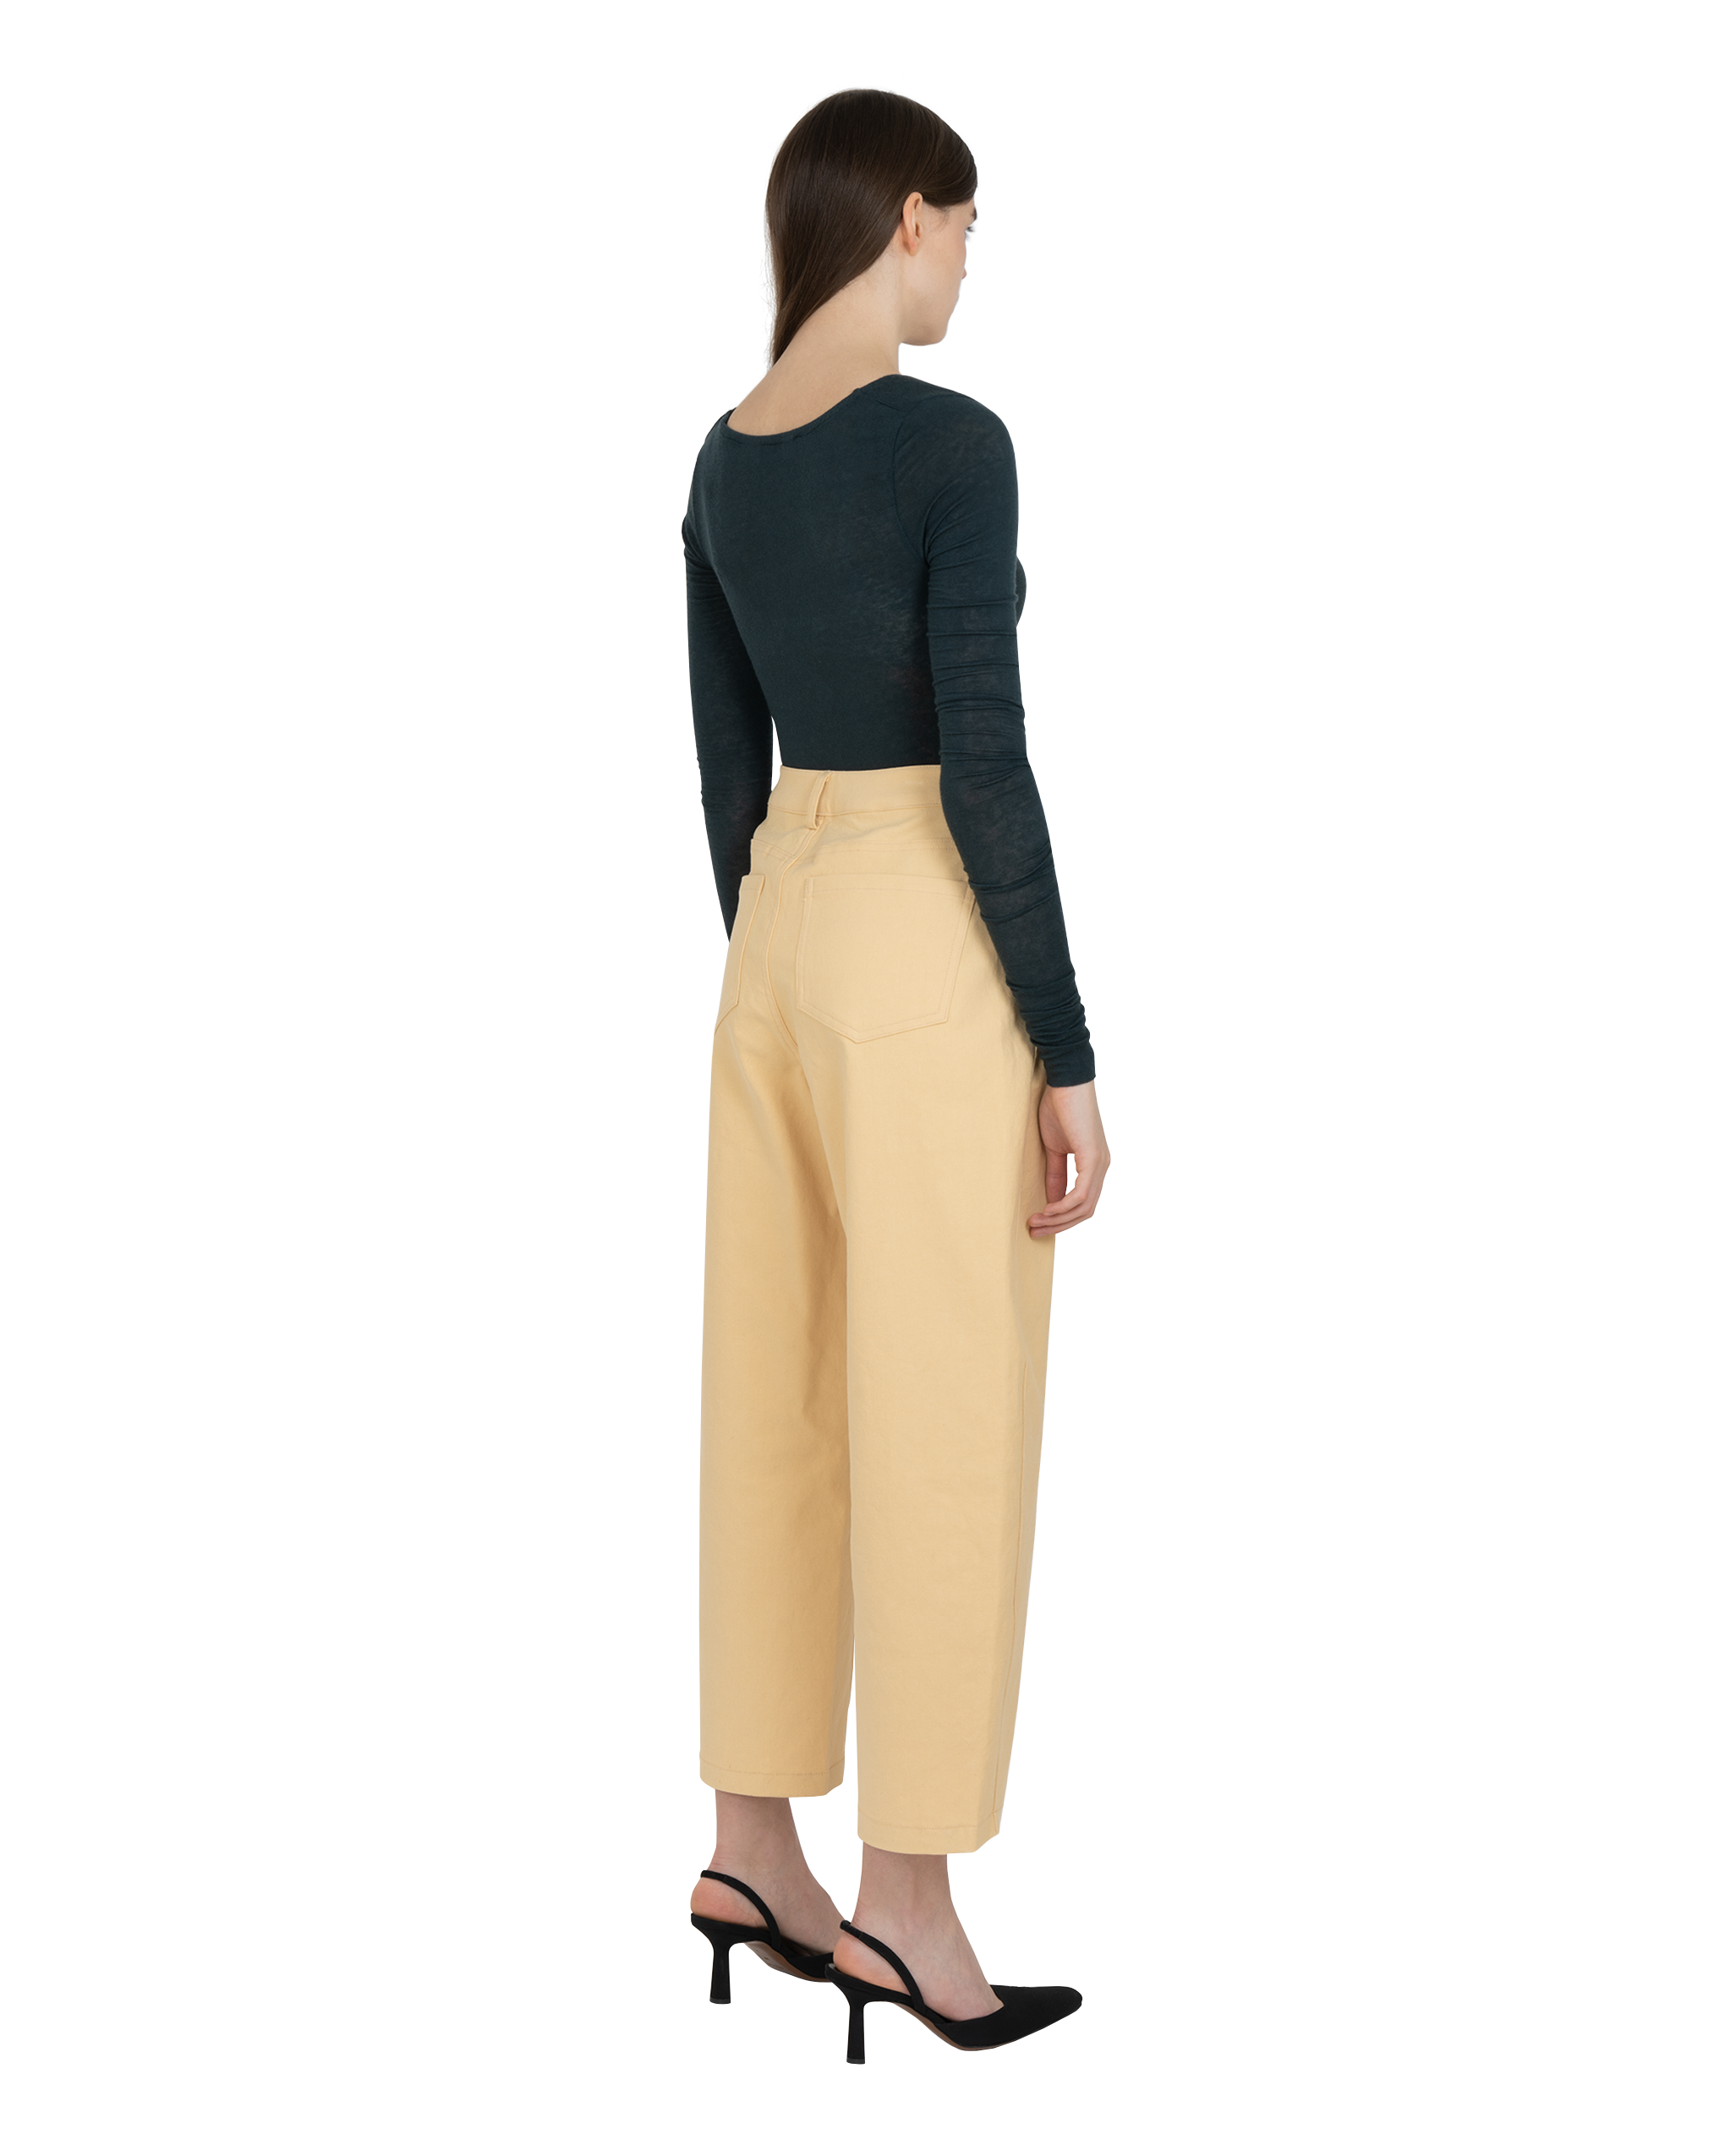 Model wearing EMIN + PAUL blue-green twist front bodysuit.